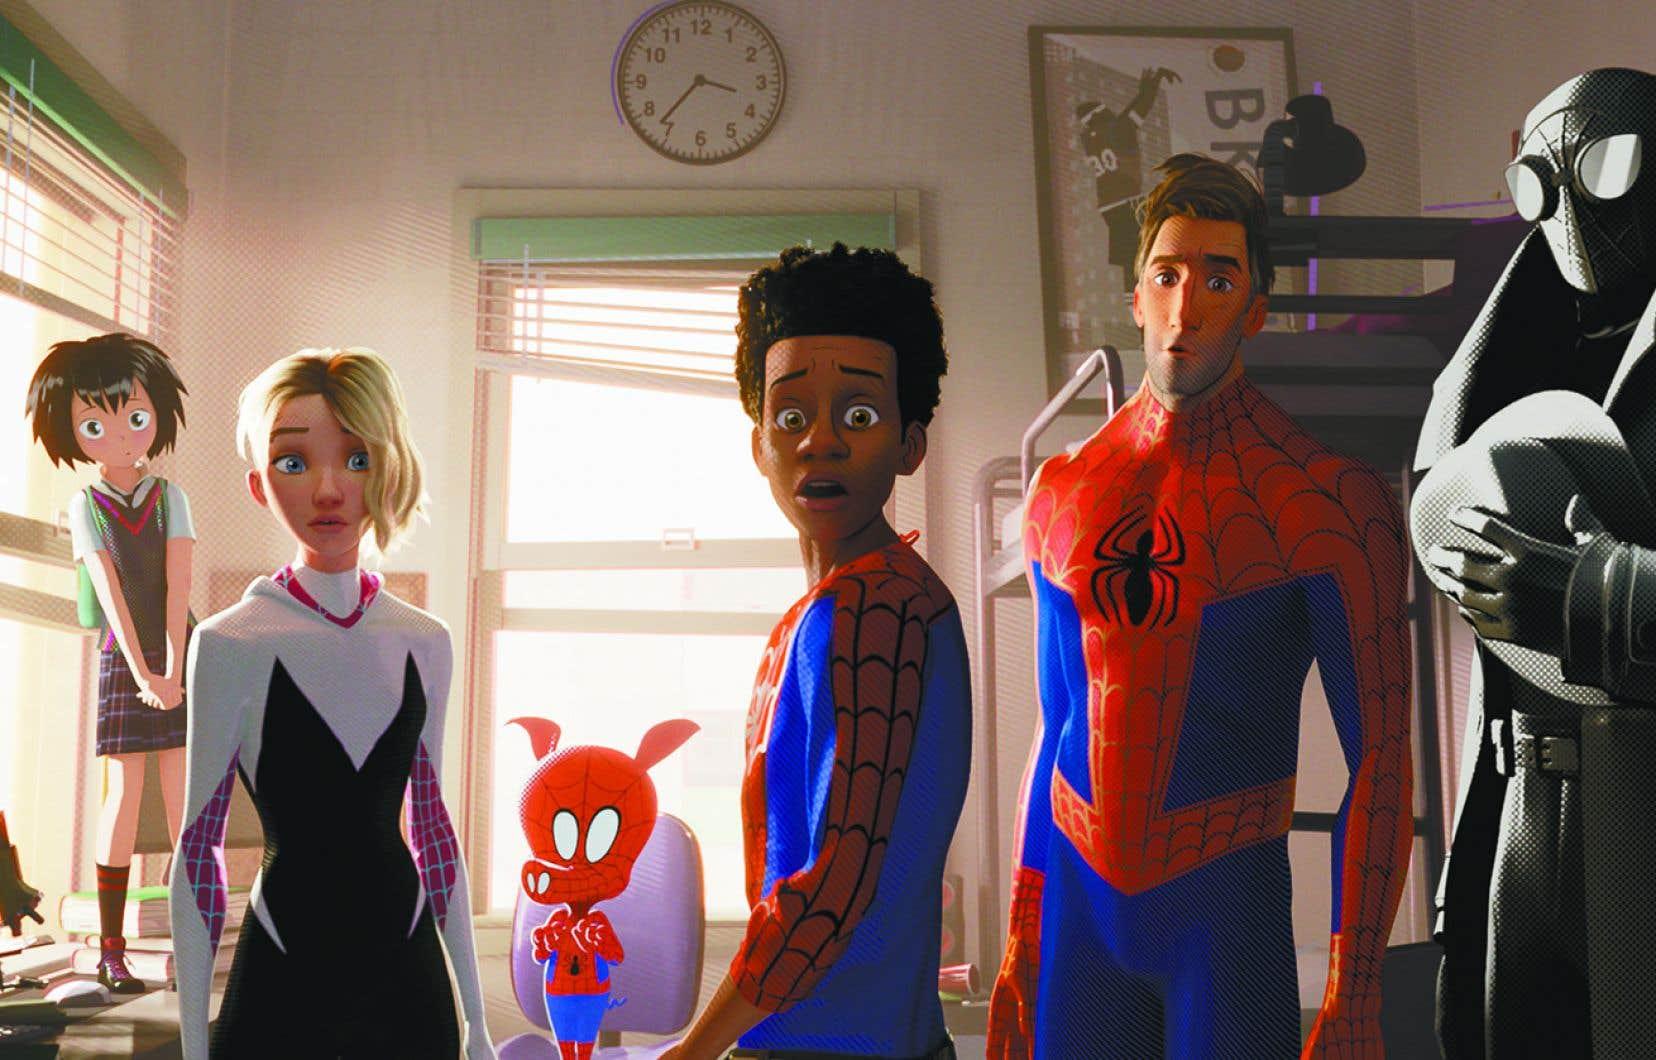 Les admirateurs de l'agile Spider-Man seront ravis avec la version animée du superhéros «Spider-Man – Into the Spider-Verse».